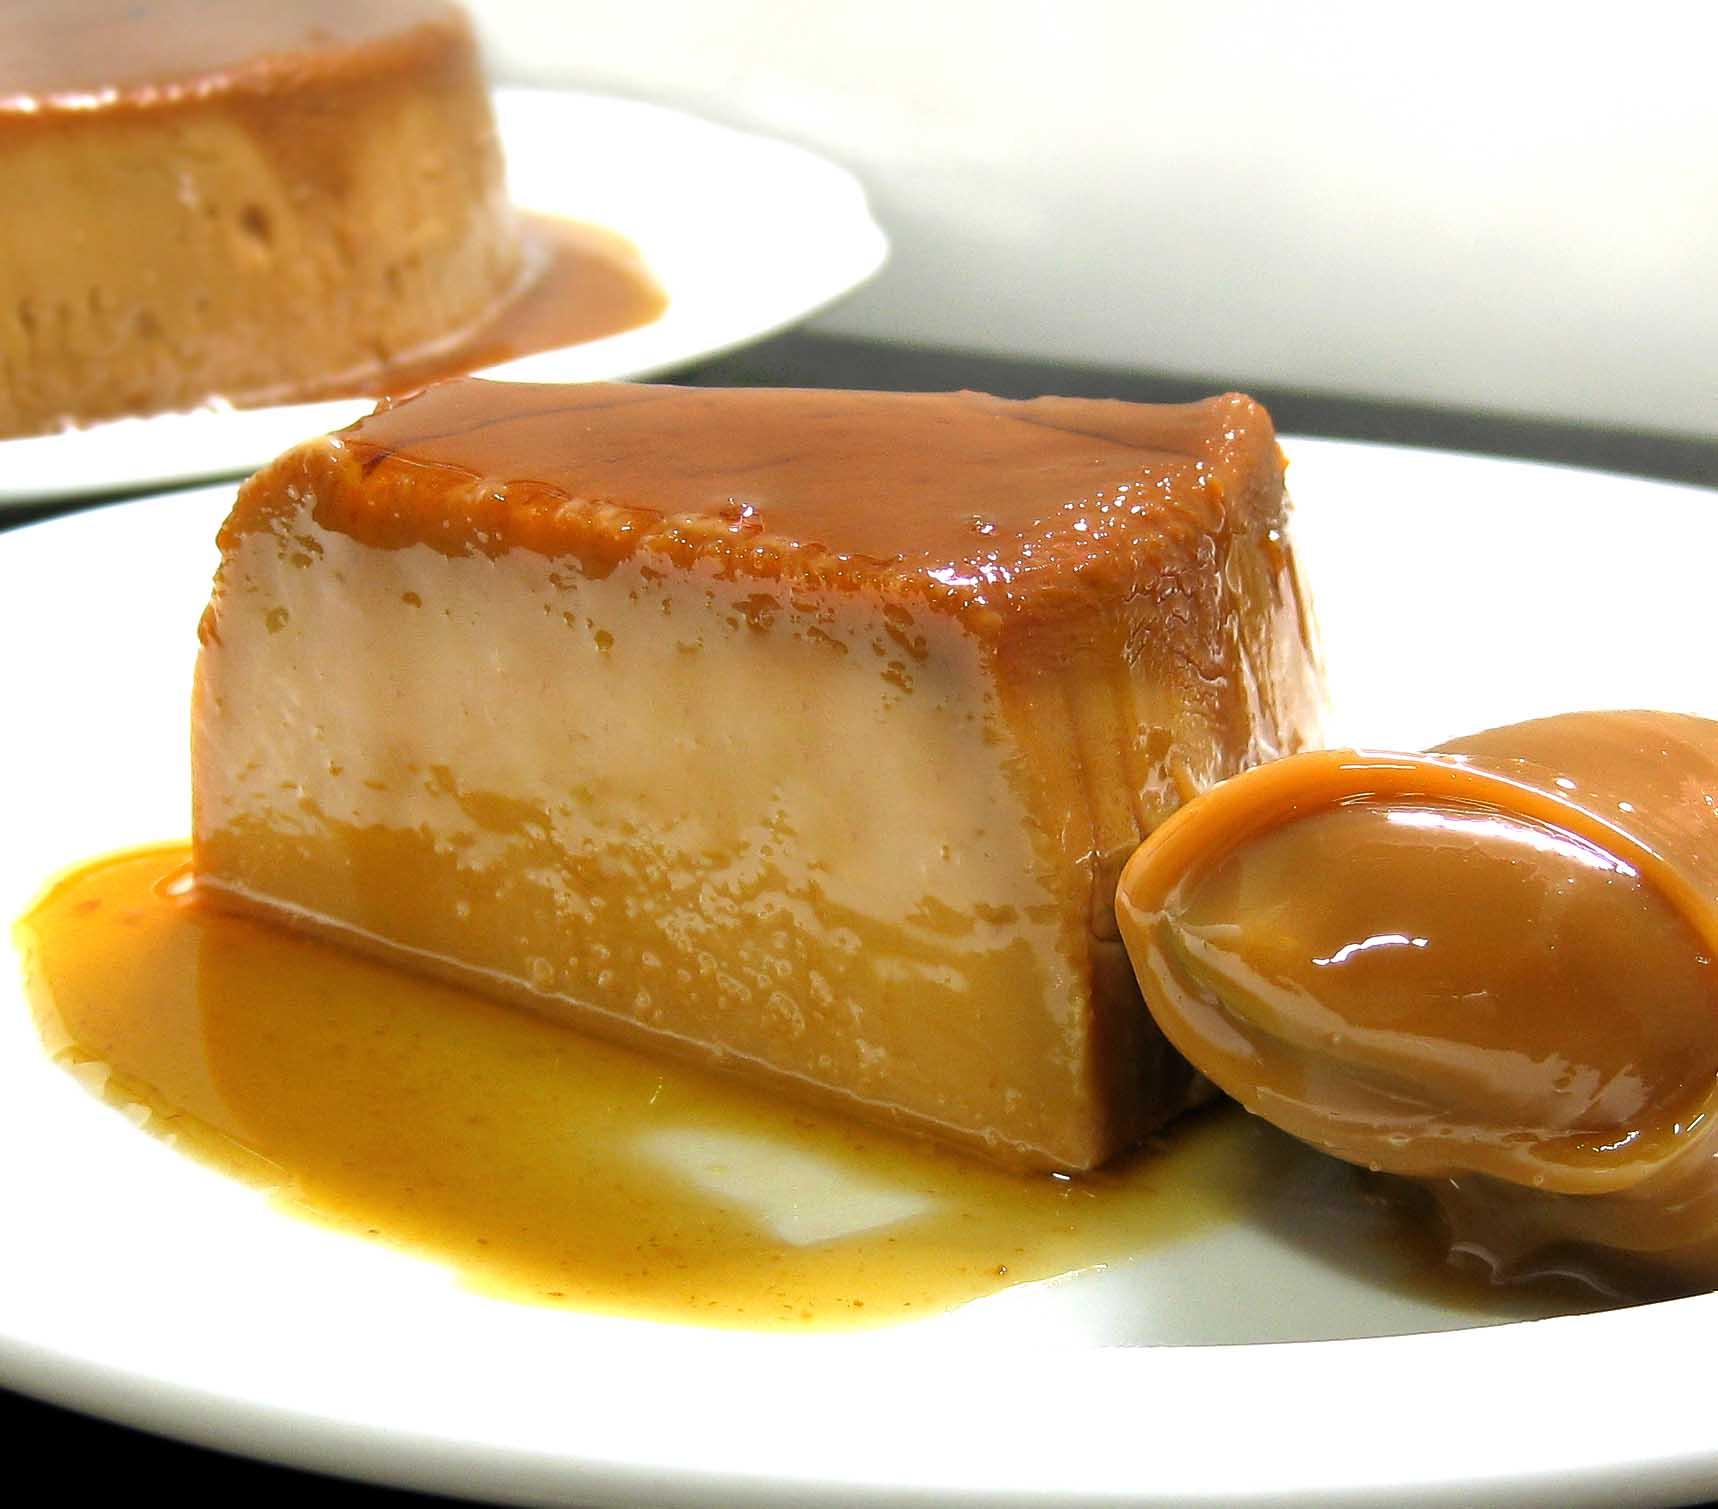 dulce-de-leche-flan-piece1.jpg